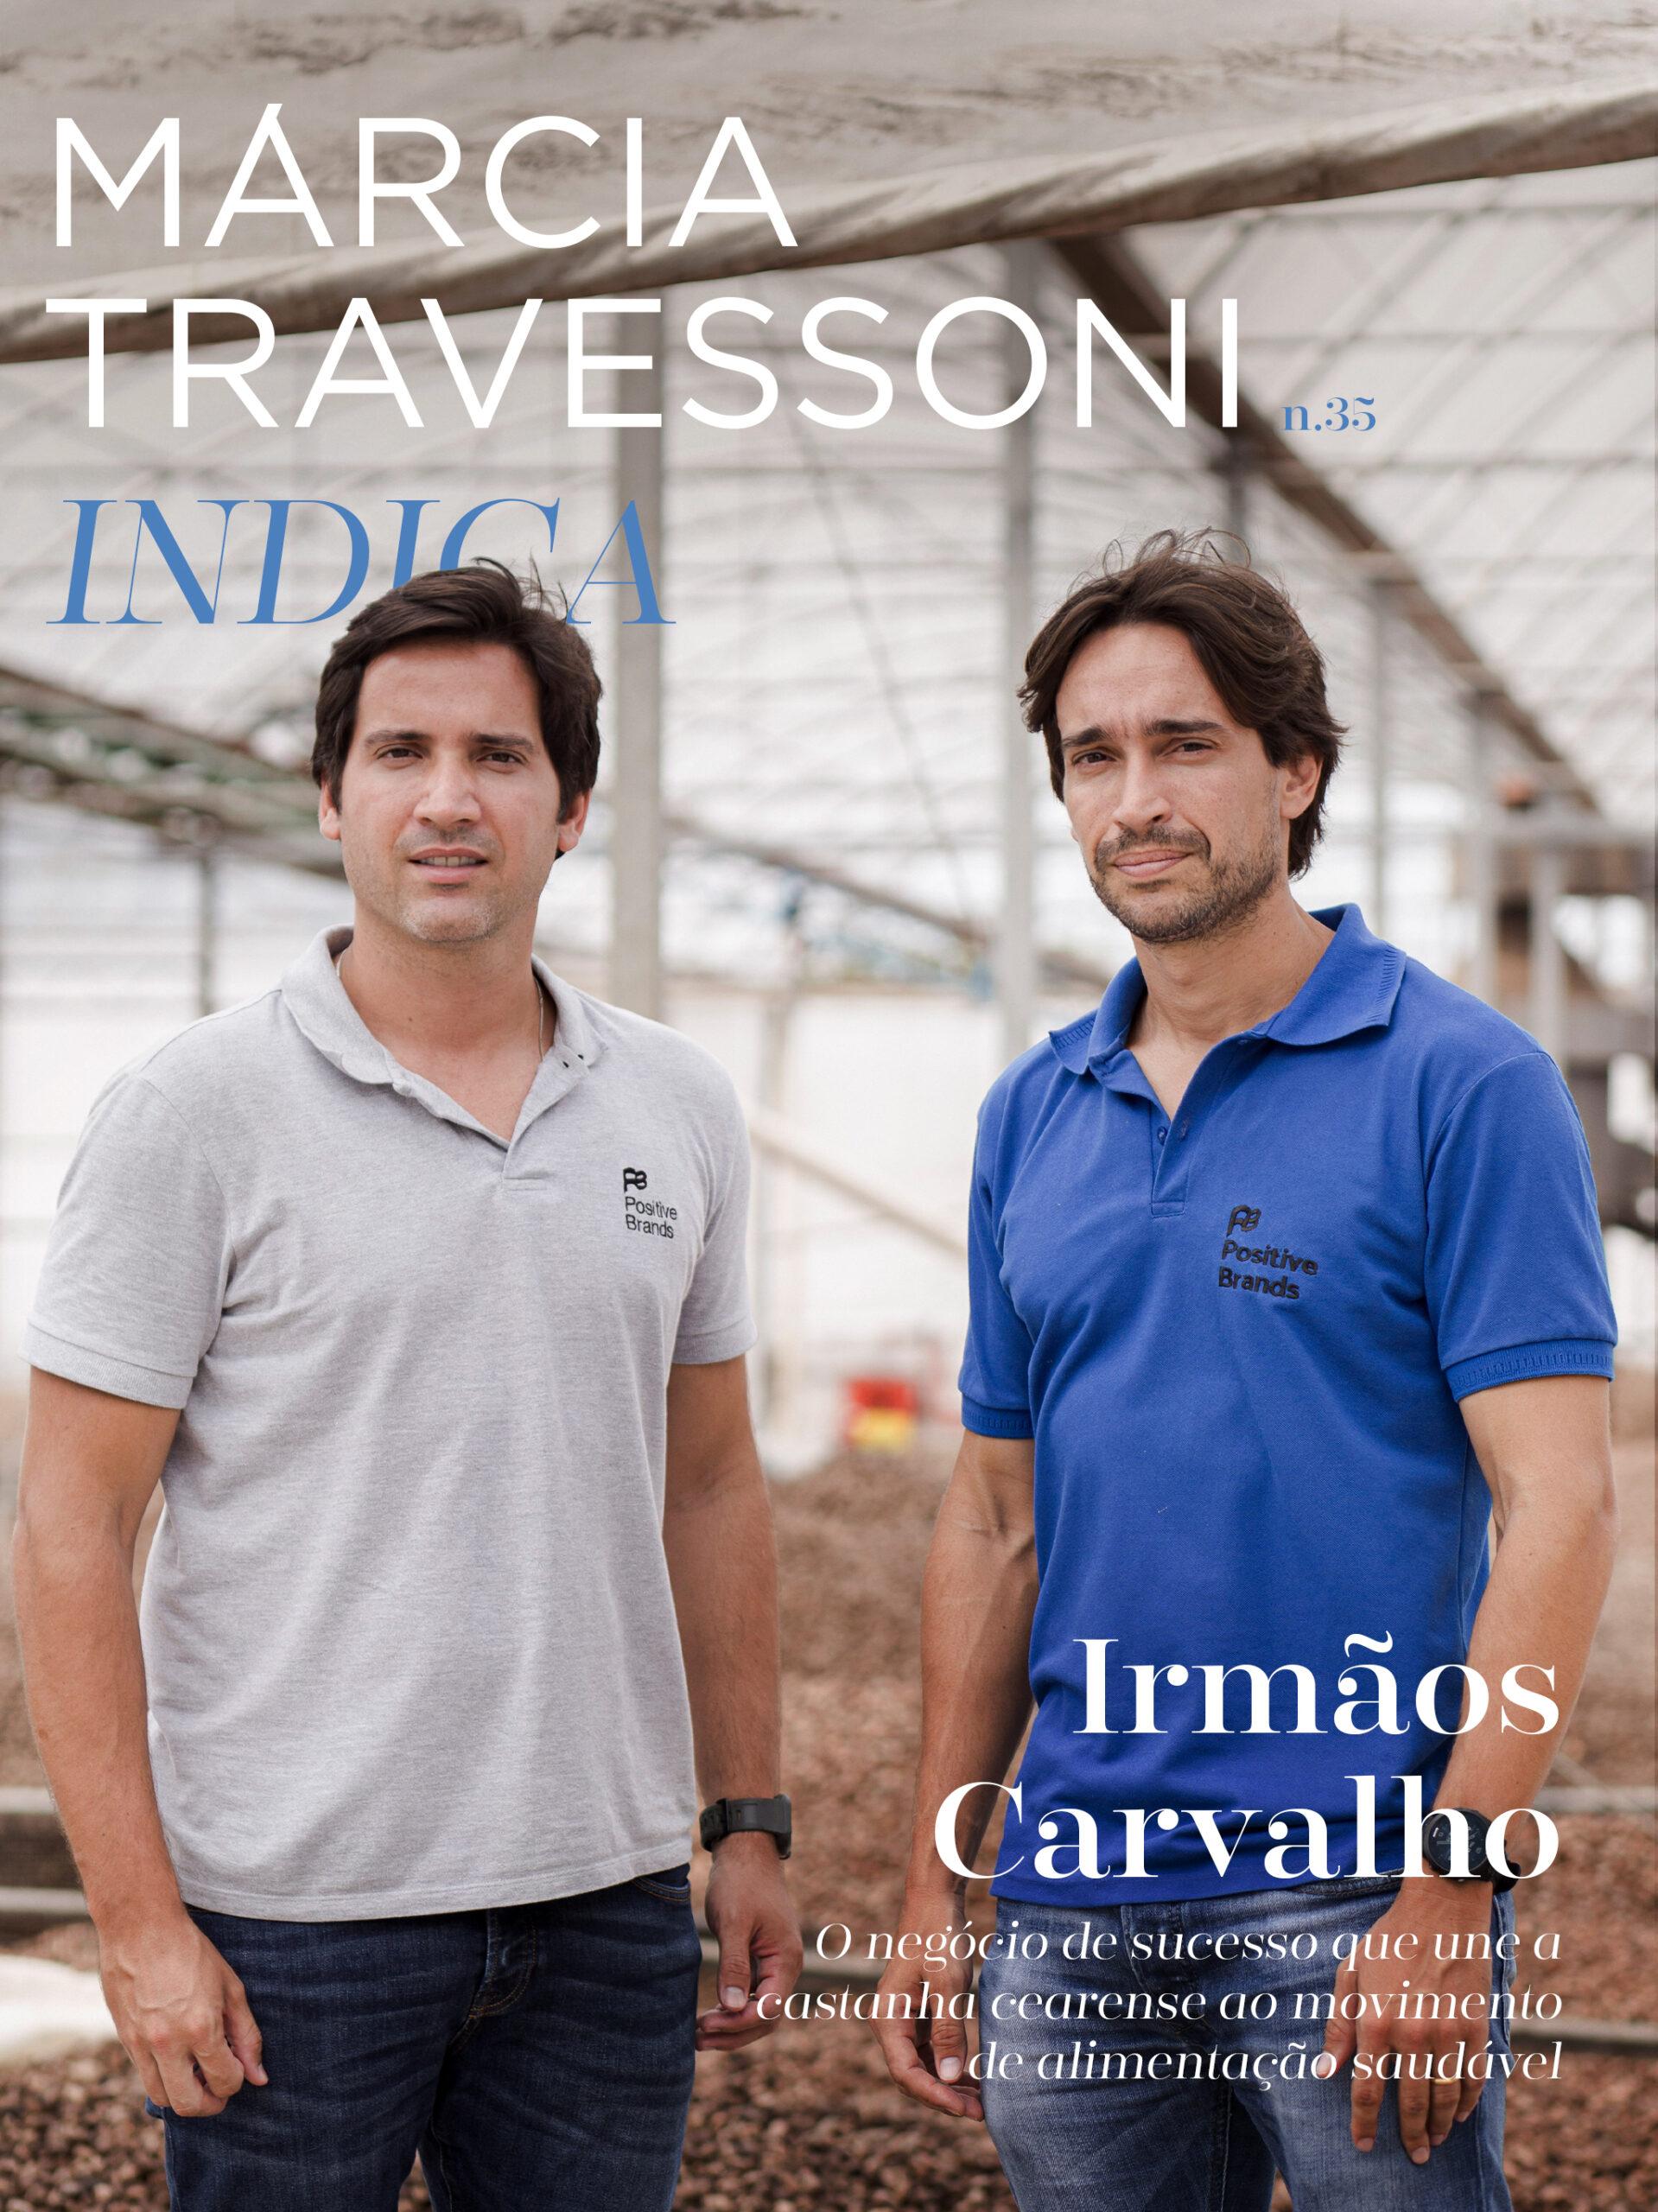 Irmãos Carvalho - Capa MT Indica 35